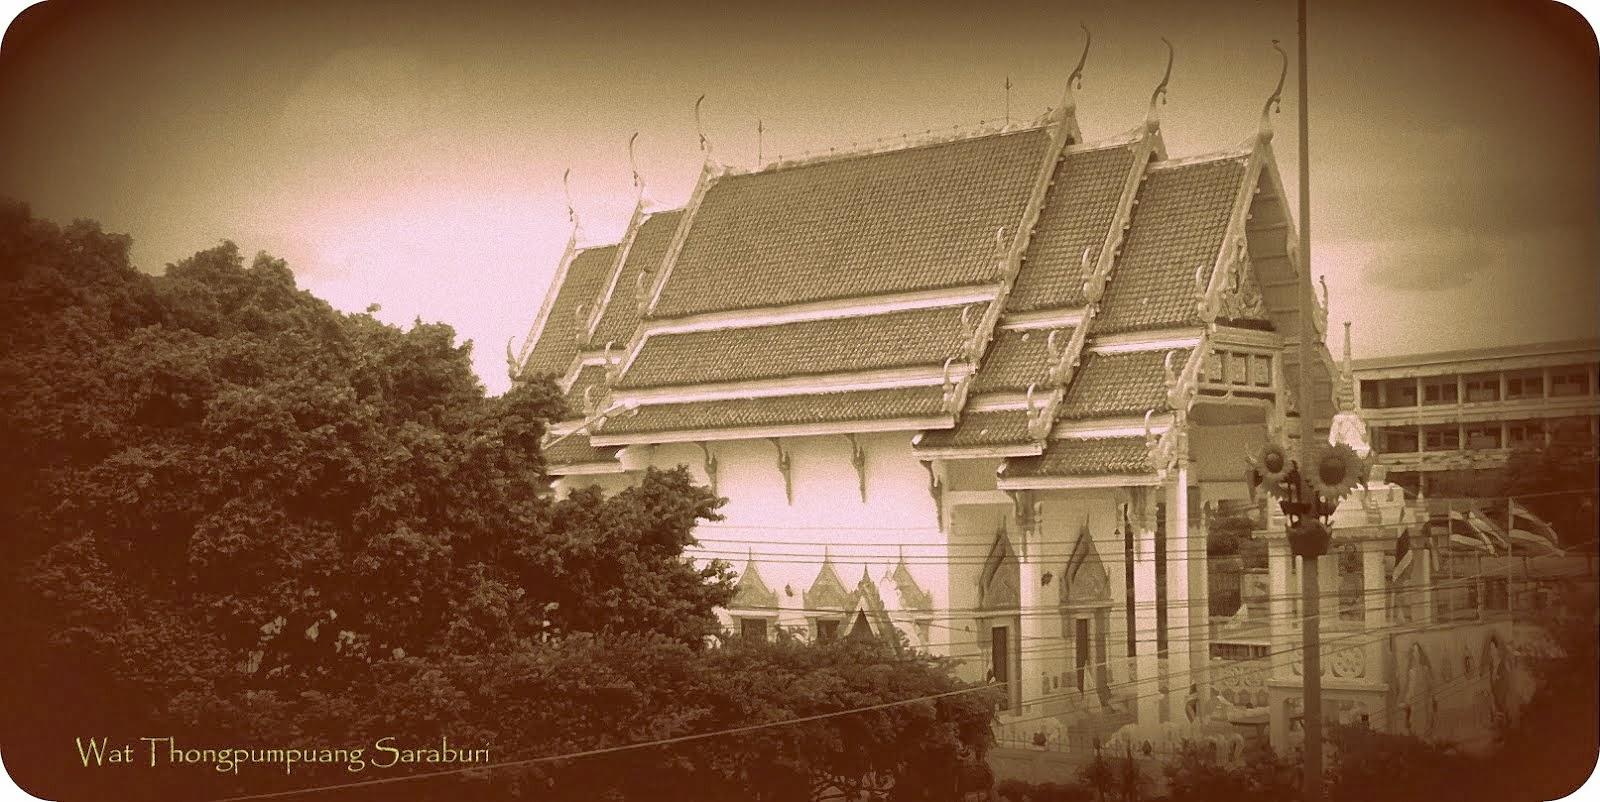 Watthongpumpuang Saraburi